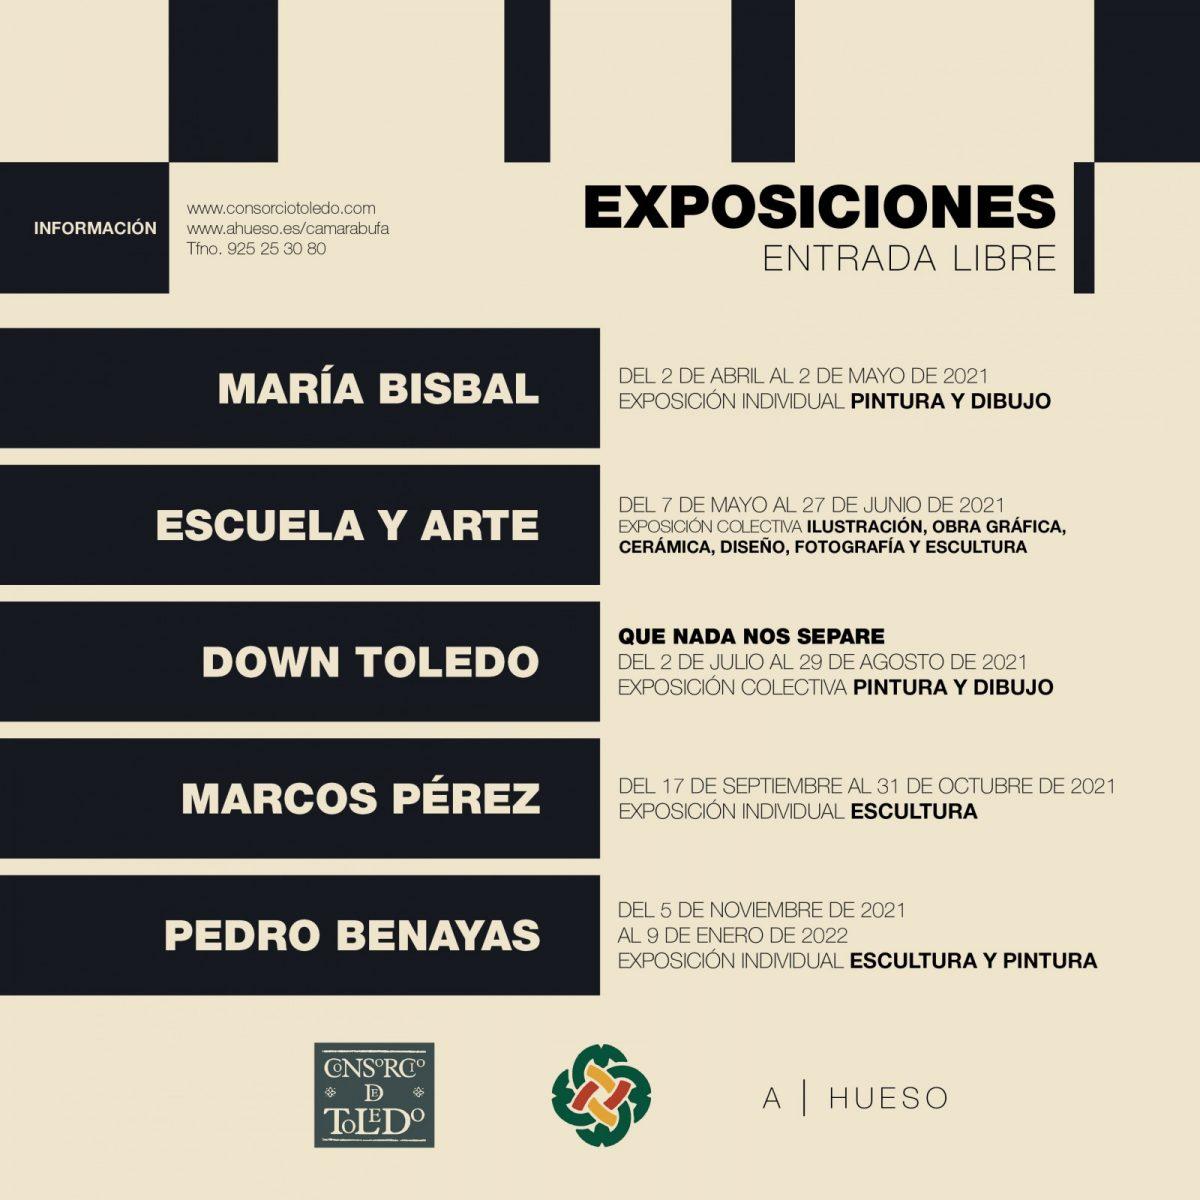 https://www.toledo.es/wp-content/uploads/2021/06/vinilo-camara-bufa-2021-1200x1200.jpg. Exposición Colectiva de Pintura y Dibujo de la Asociación Down de Toledo